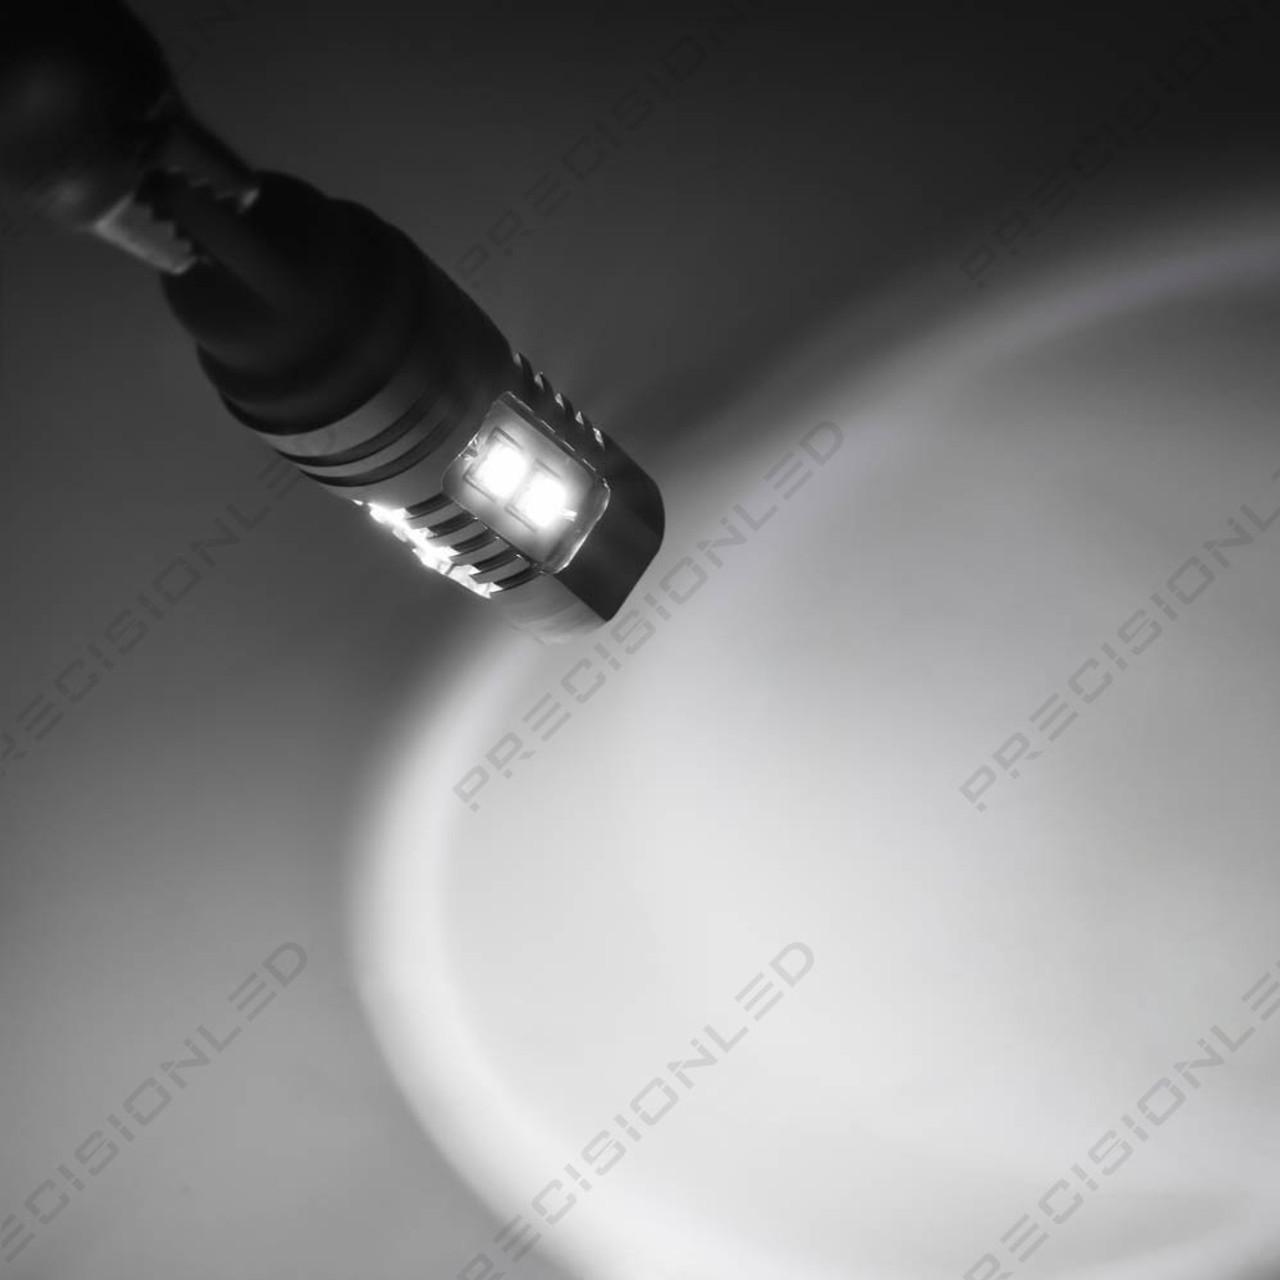 Toyota RAV4 LED Backup Reverse Lights (2006-2012)